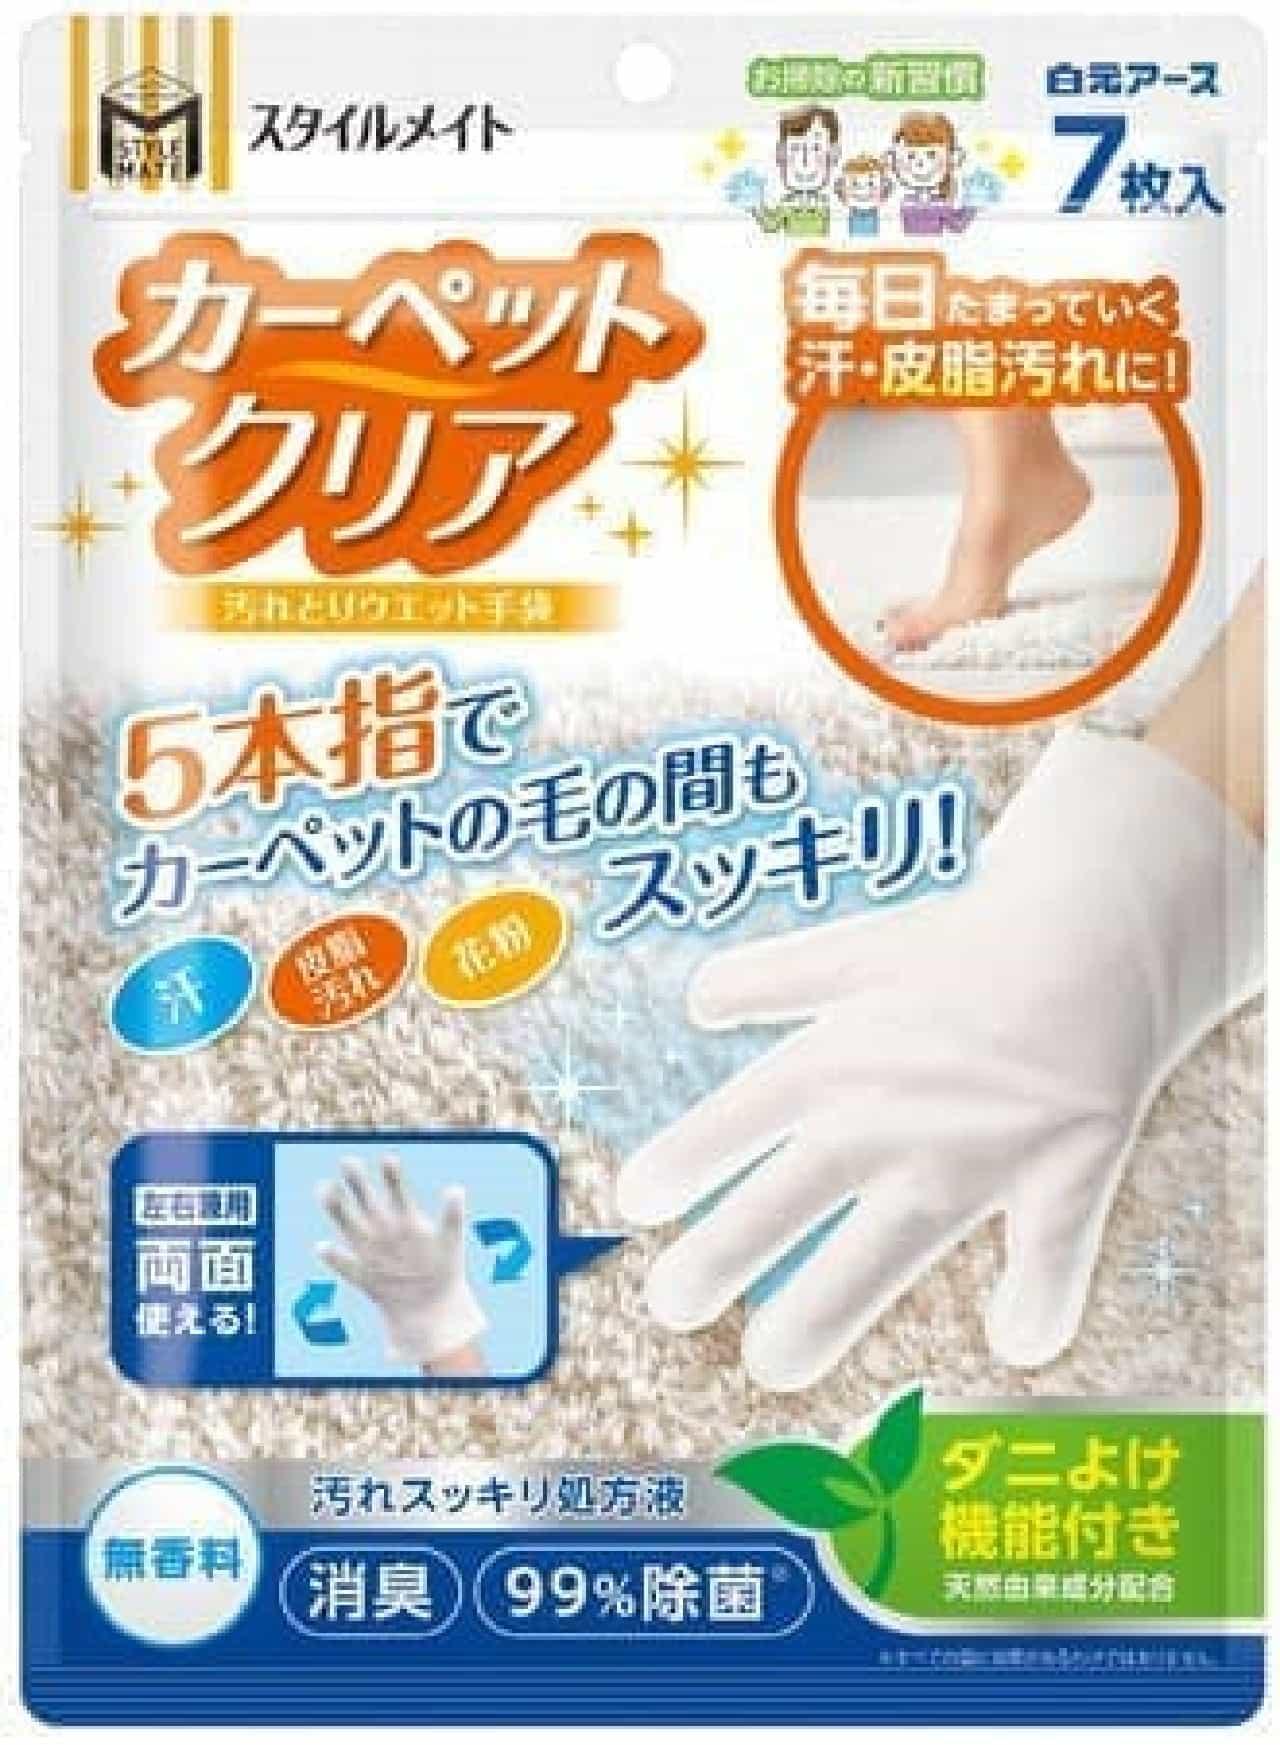 スタイルメイト カーペットクリア 汚れとりウエット手袋